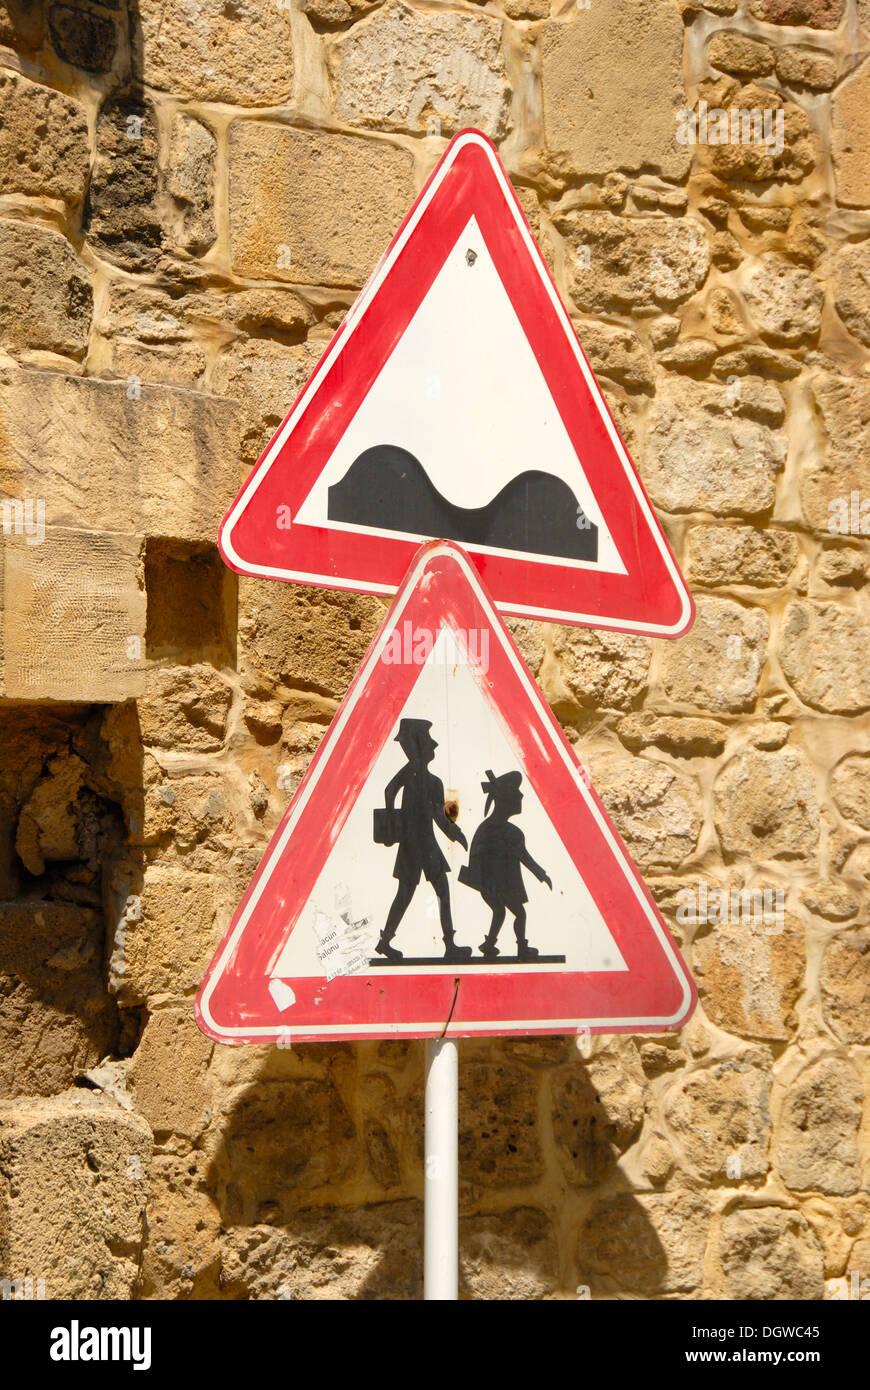 Zwei Verkehrsschilder, unebene Straße Vorsicht, Vorsicht Fußgänger, Lefkosa, Nikosia, Zypern, türkische Republik Nordzypern Stockbild